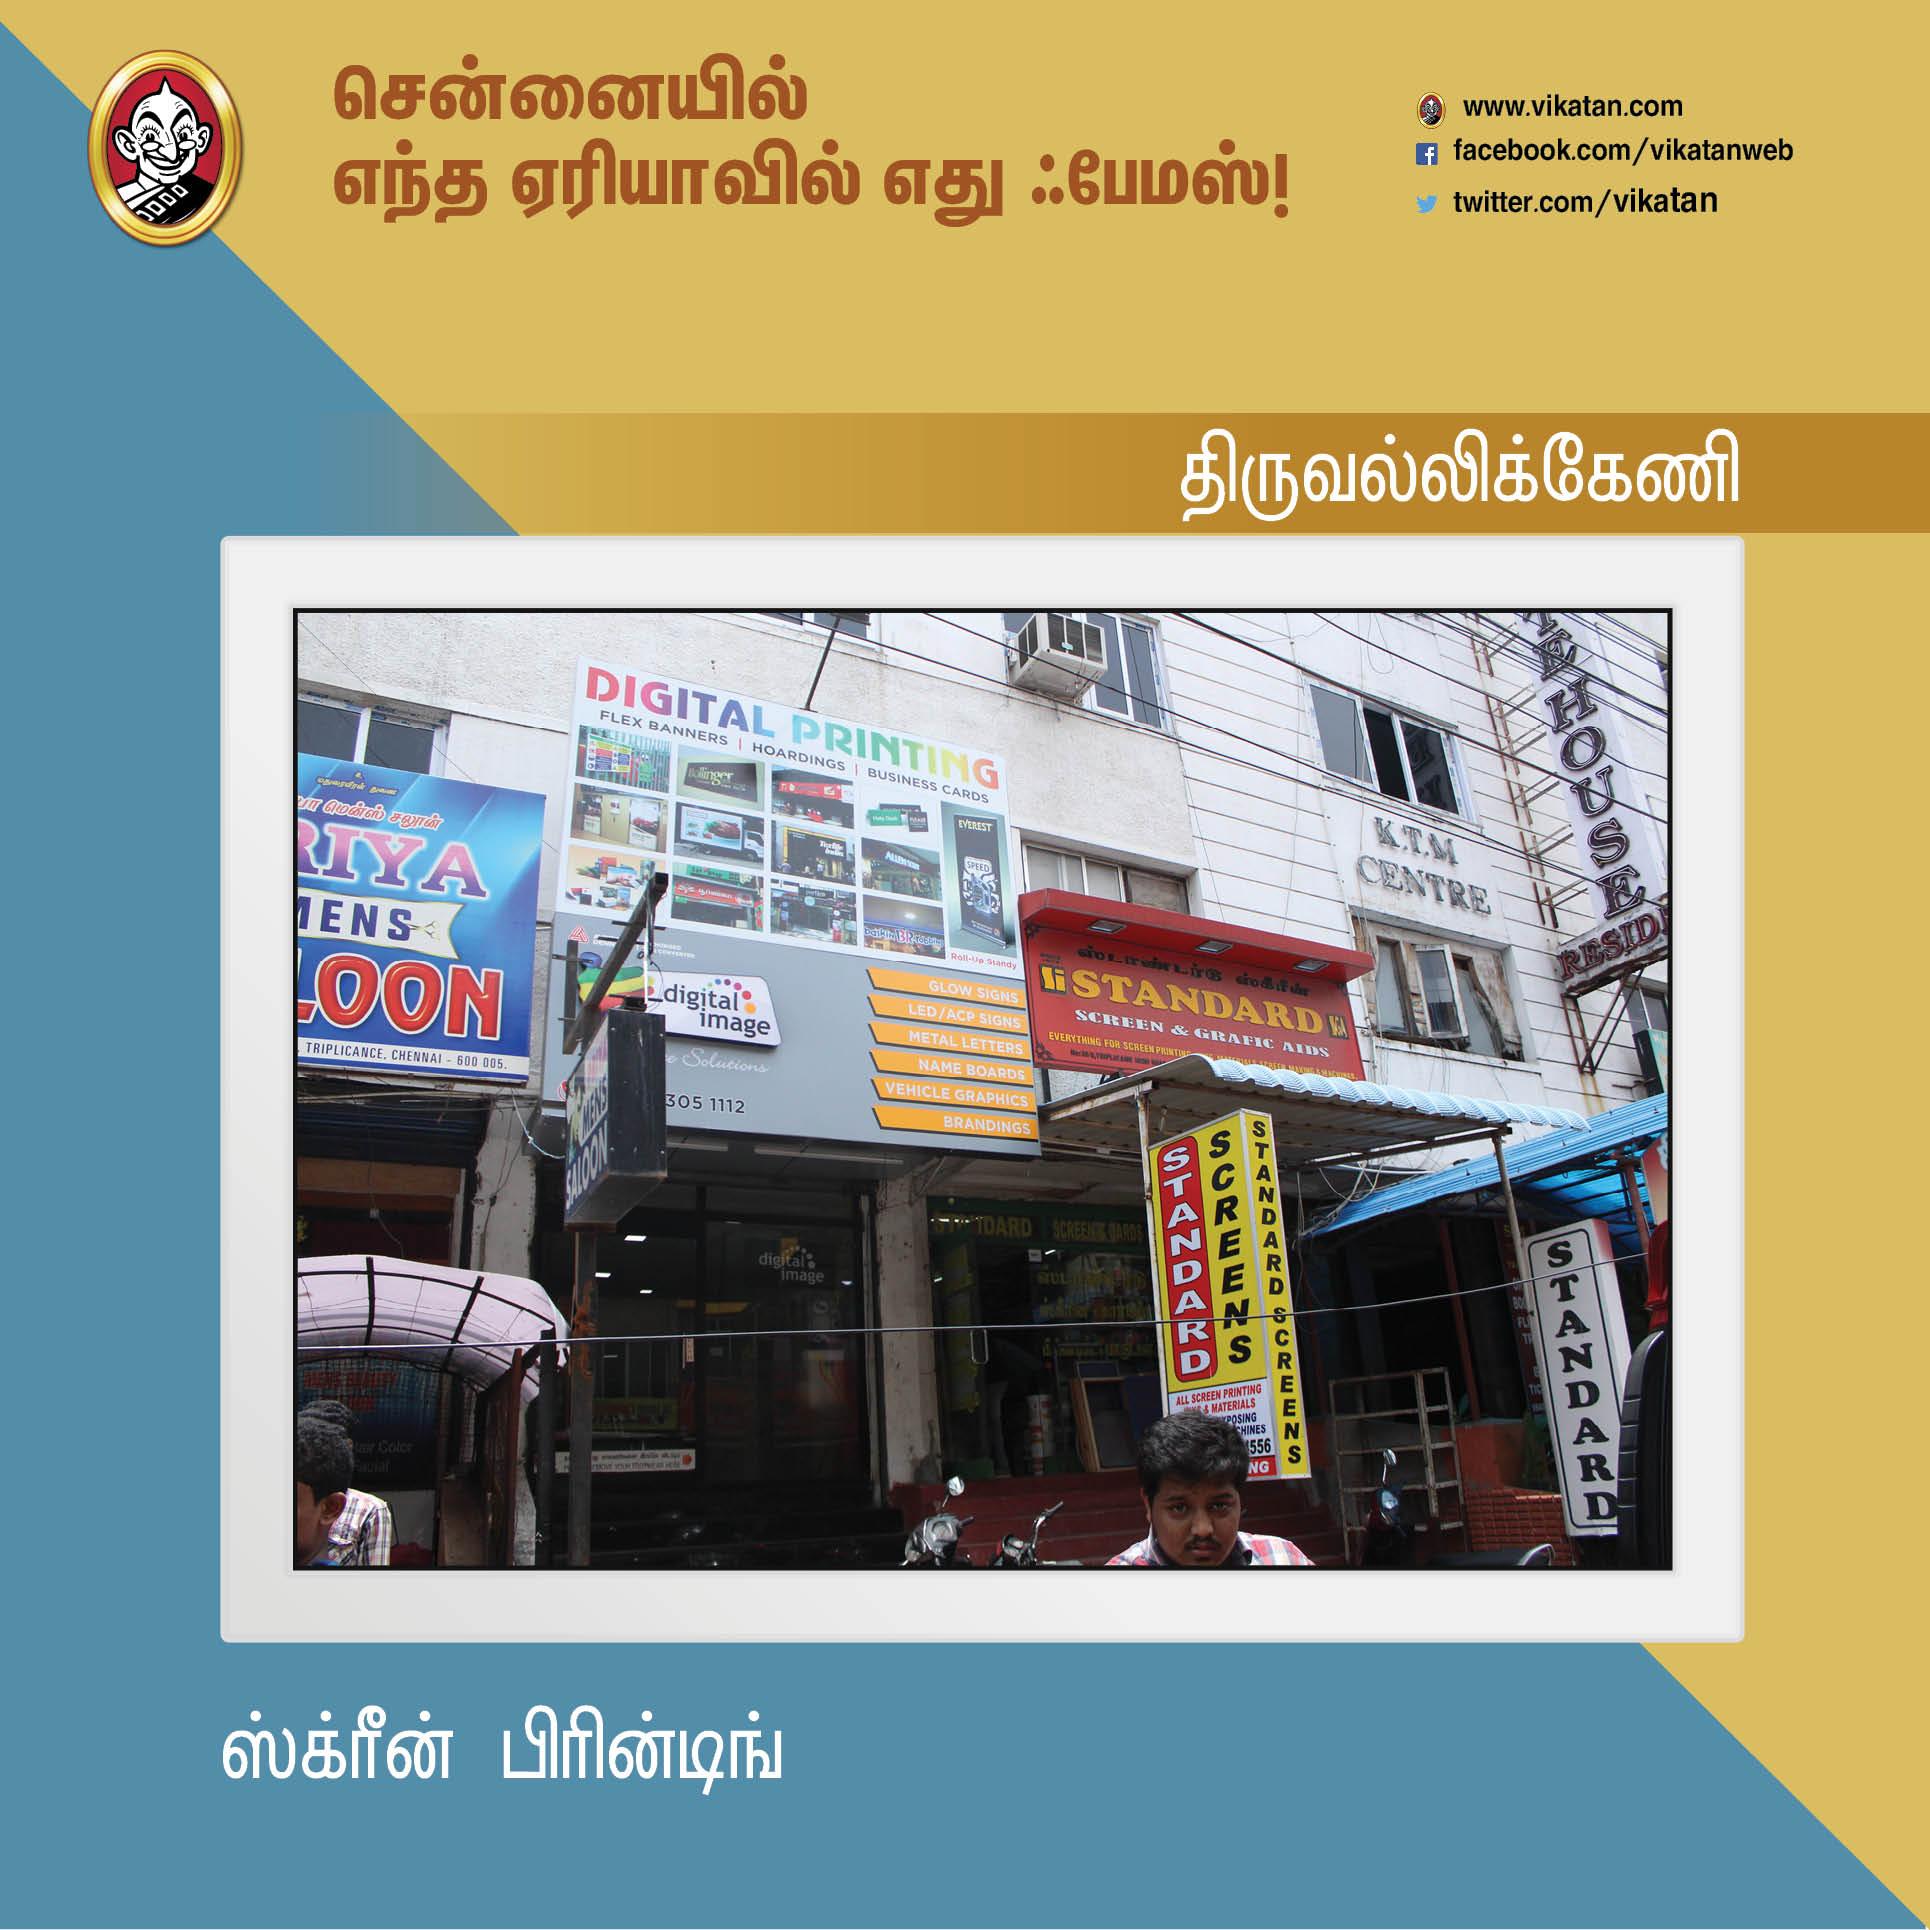 சென்னைனா சென்ட்ரல், எக்மோர் மட்டுமில்ல... இந்த ஏரியாக்களும் ஃபேமஸ்தான்! #Chennai379